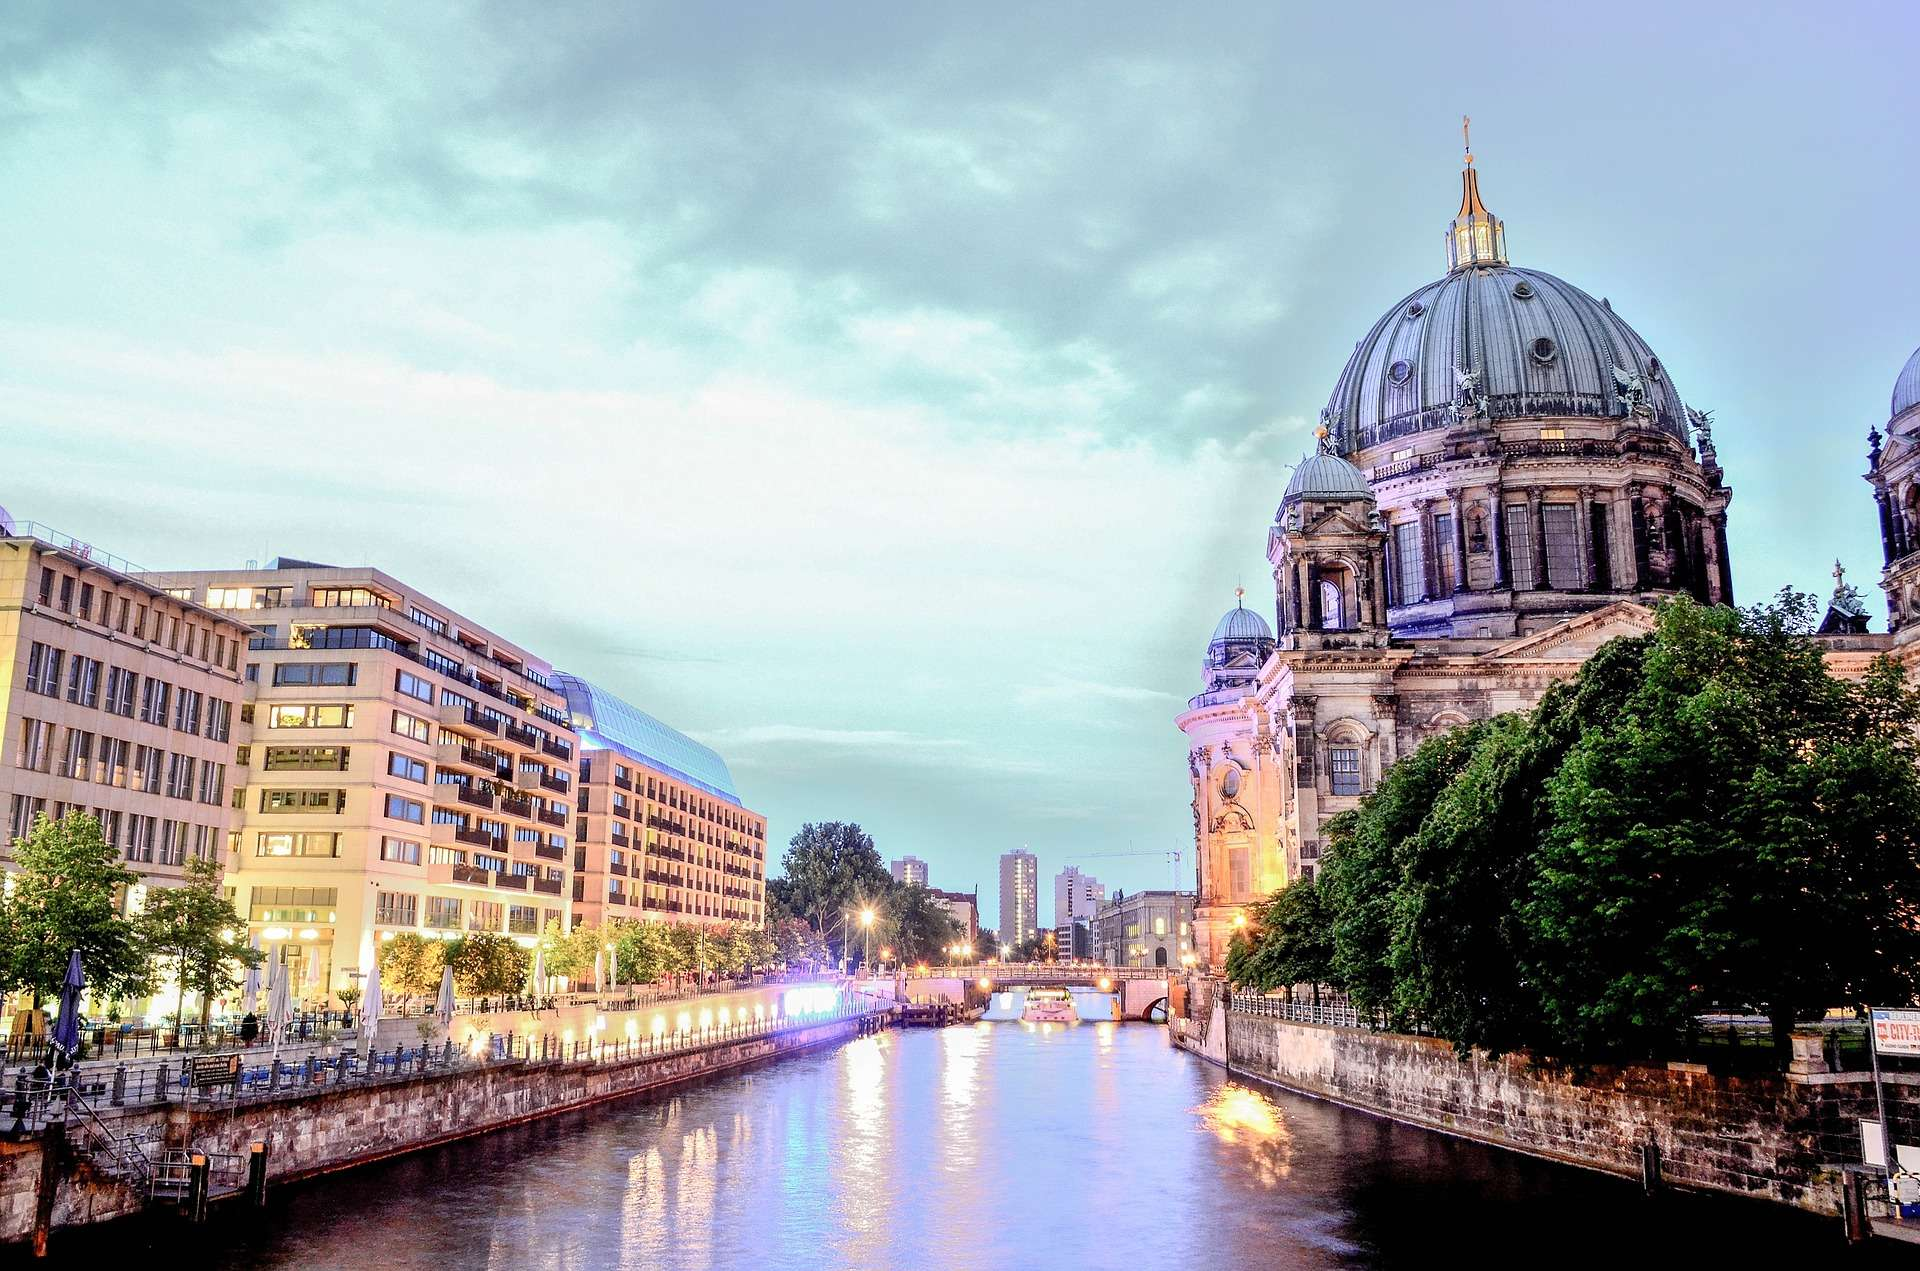 Direktflüge und Billigflüge ab München nach Berlin